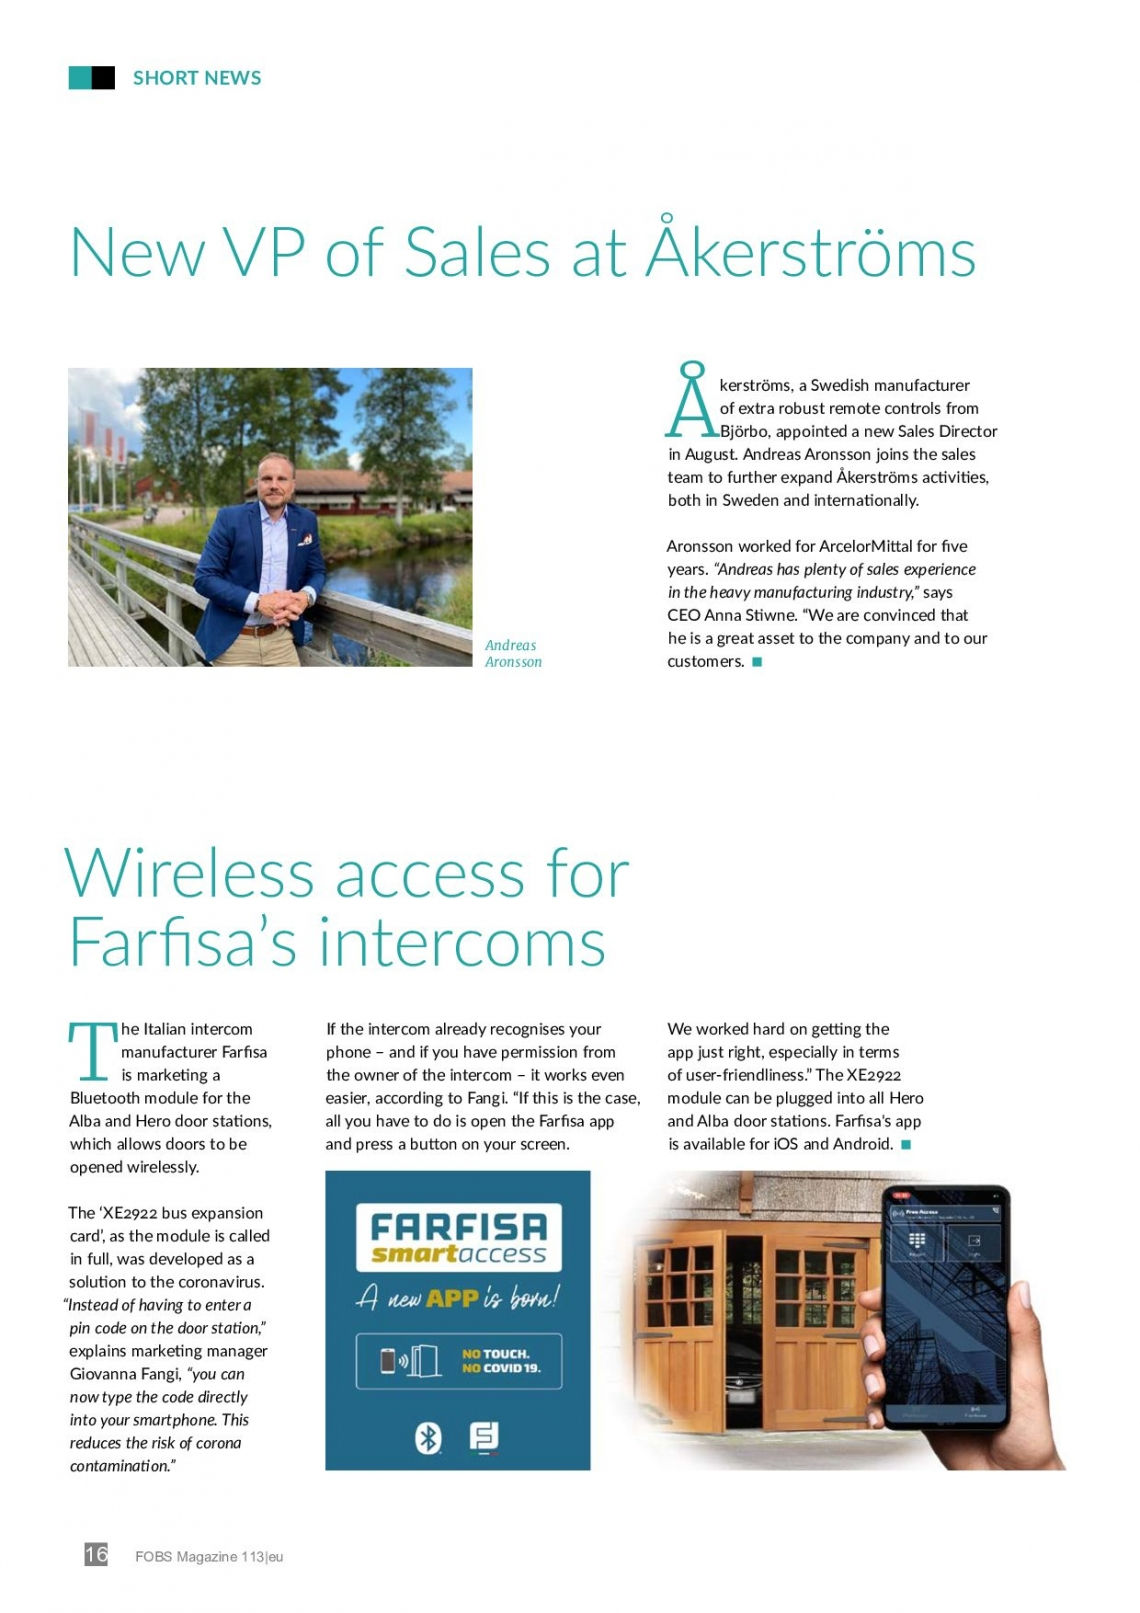 Con la aplicación Farfisa Smart Access abres la puerta con tu smartphone